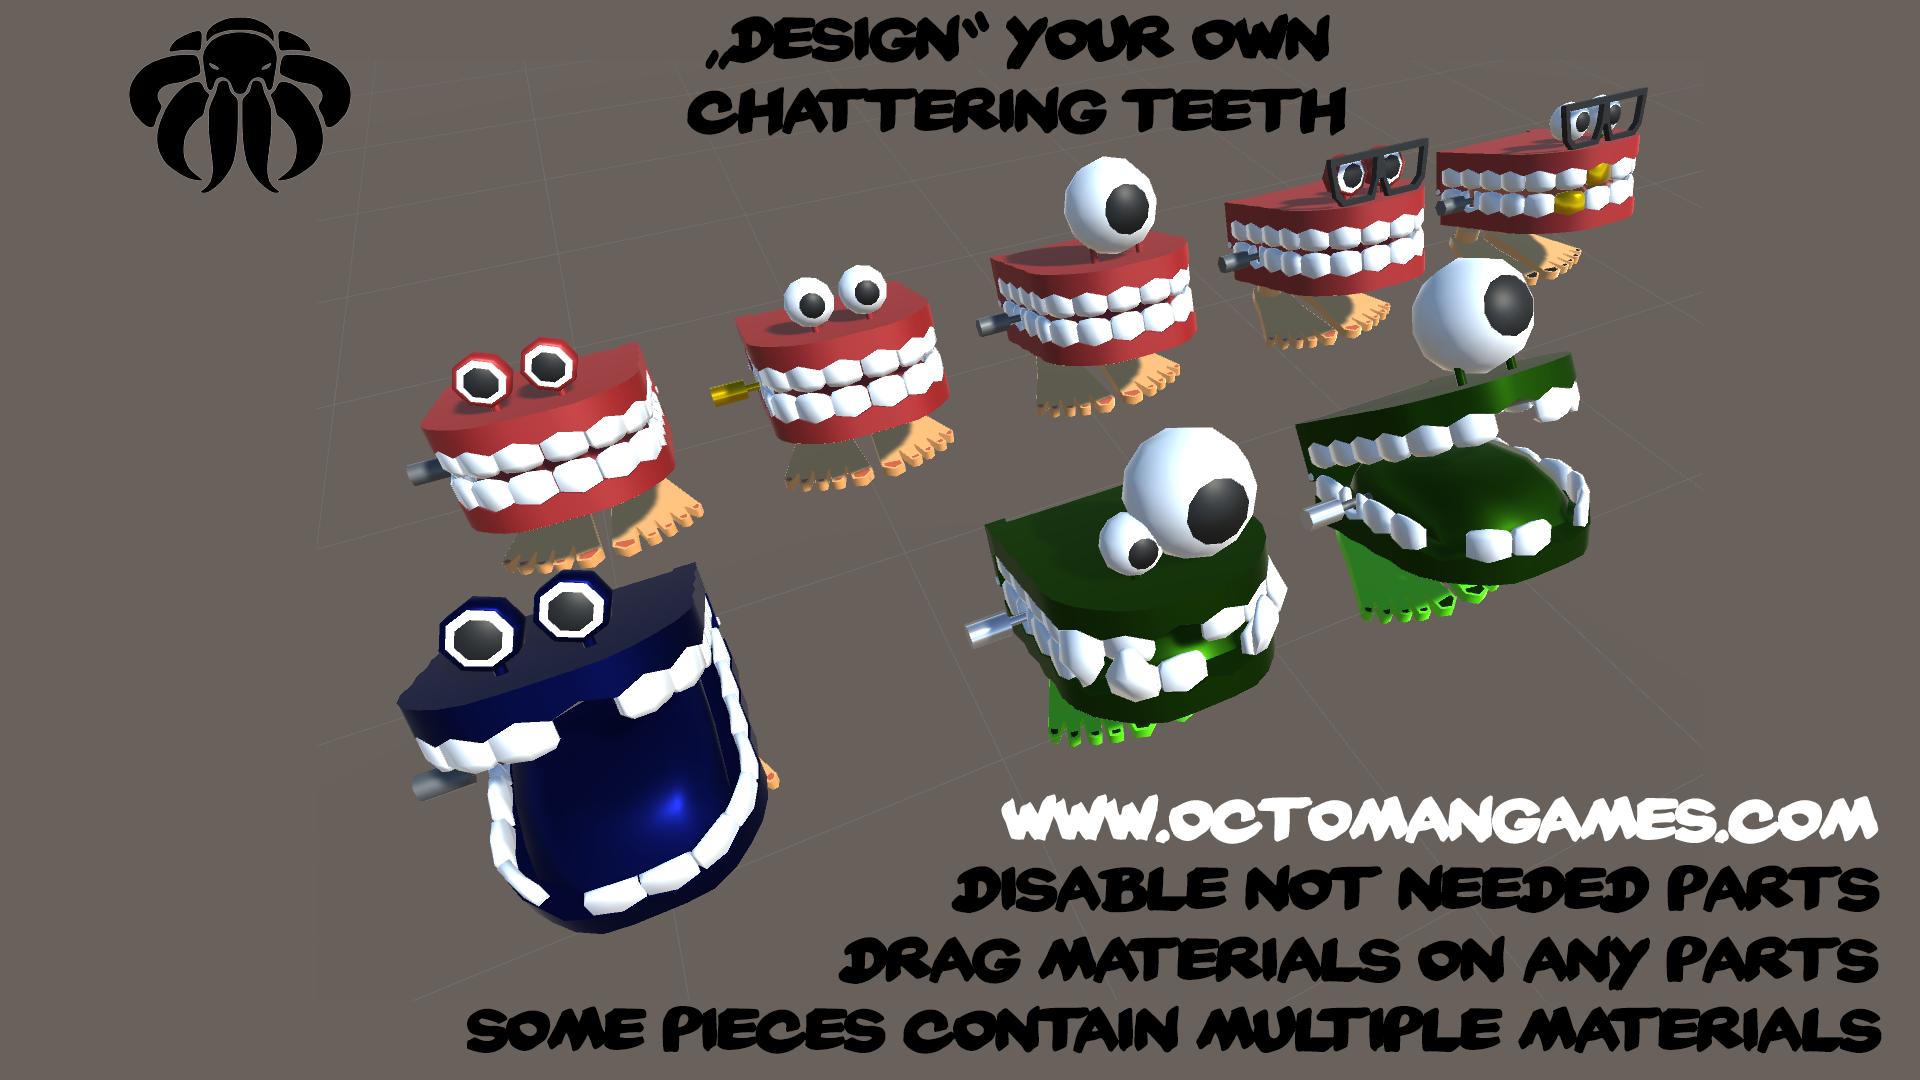 Chomper – Chattering Teeth